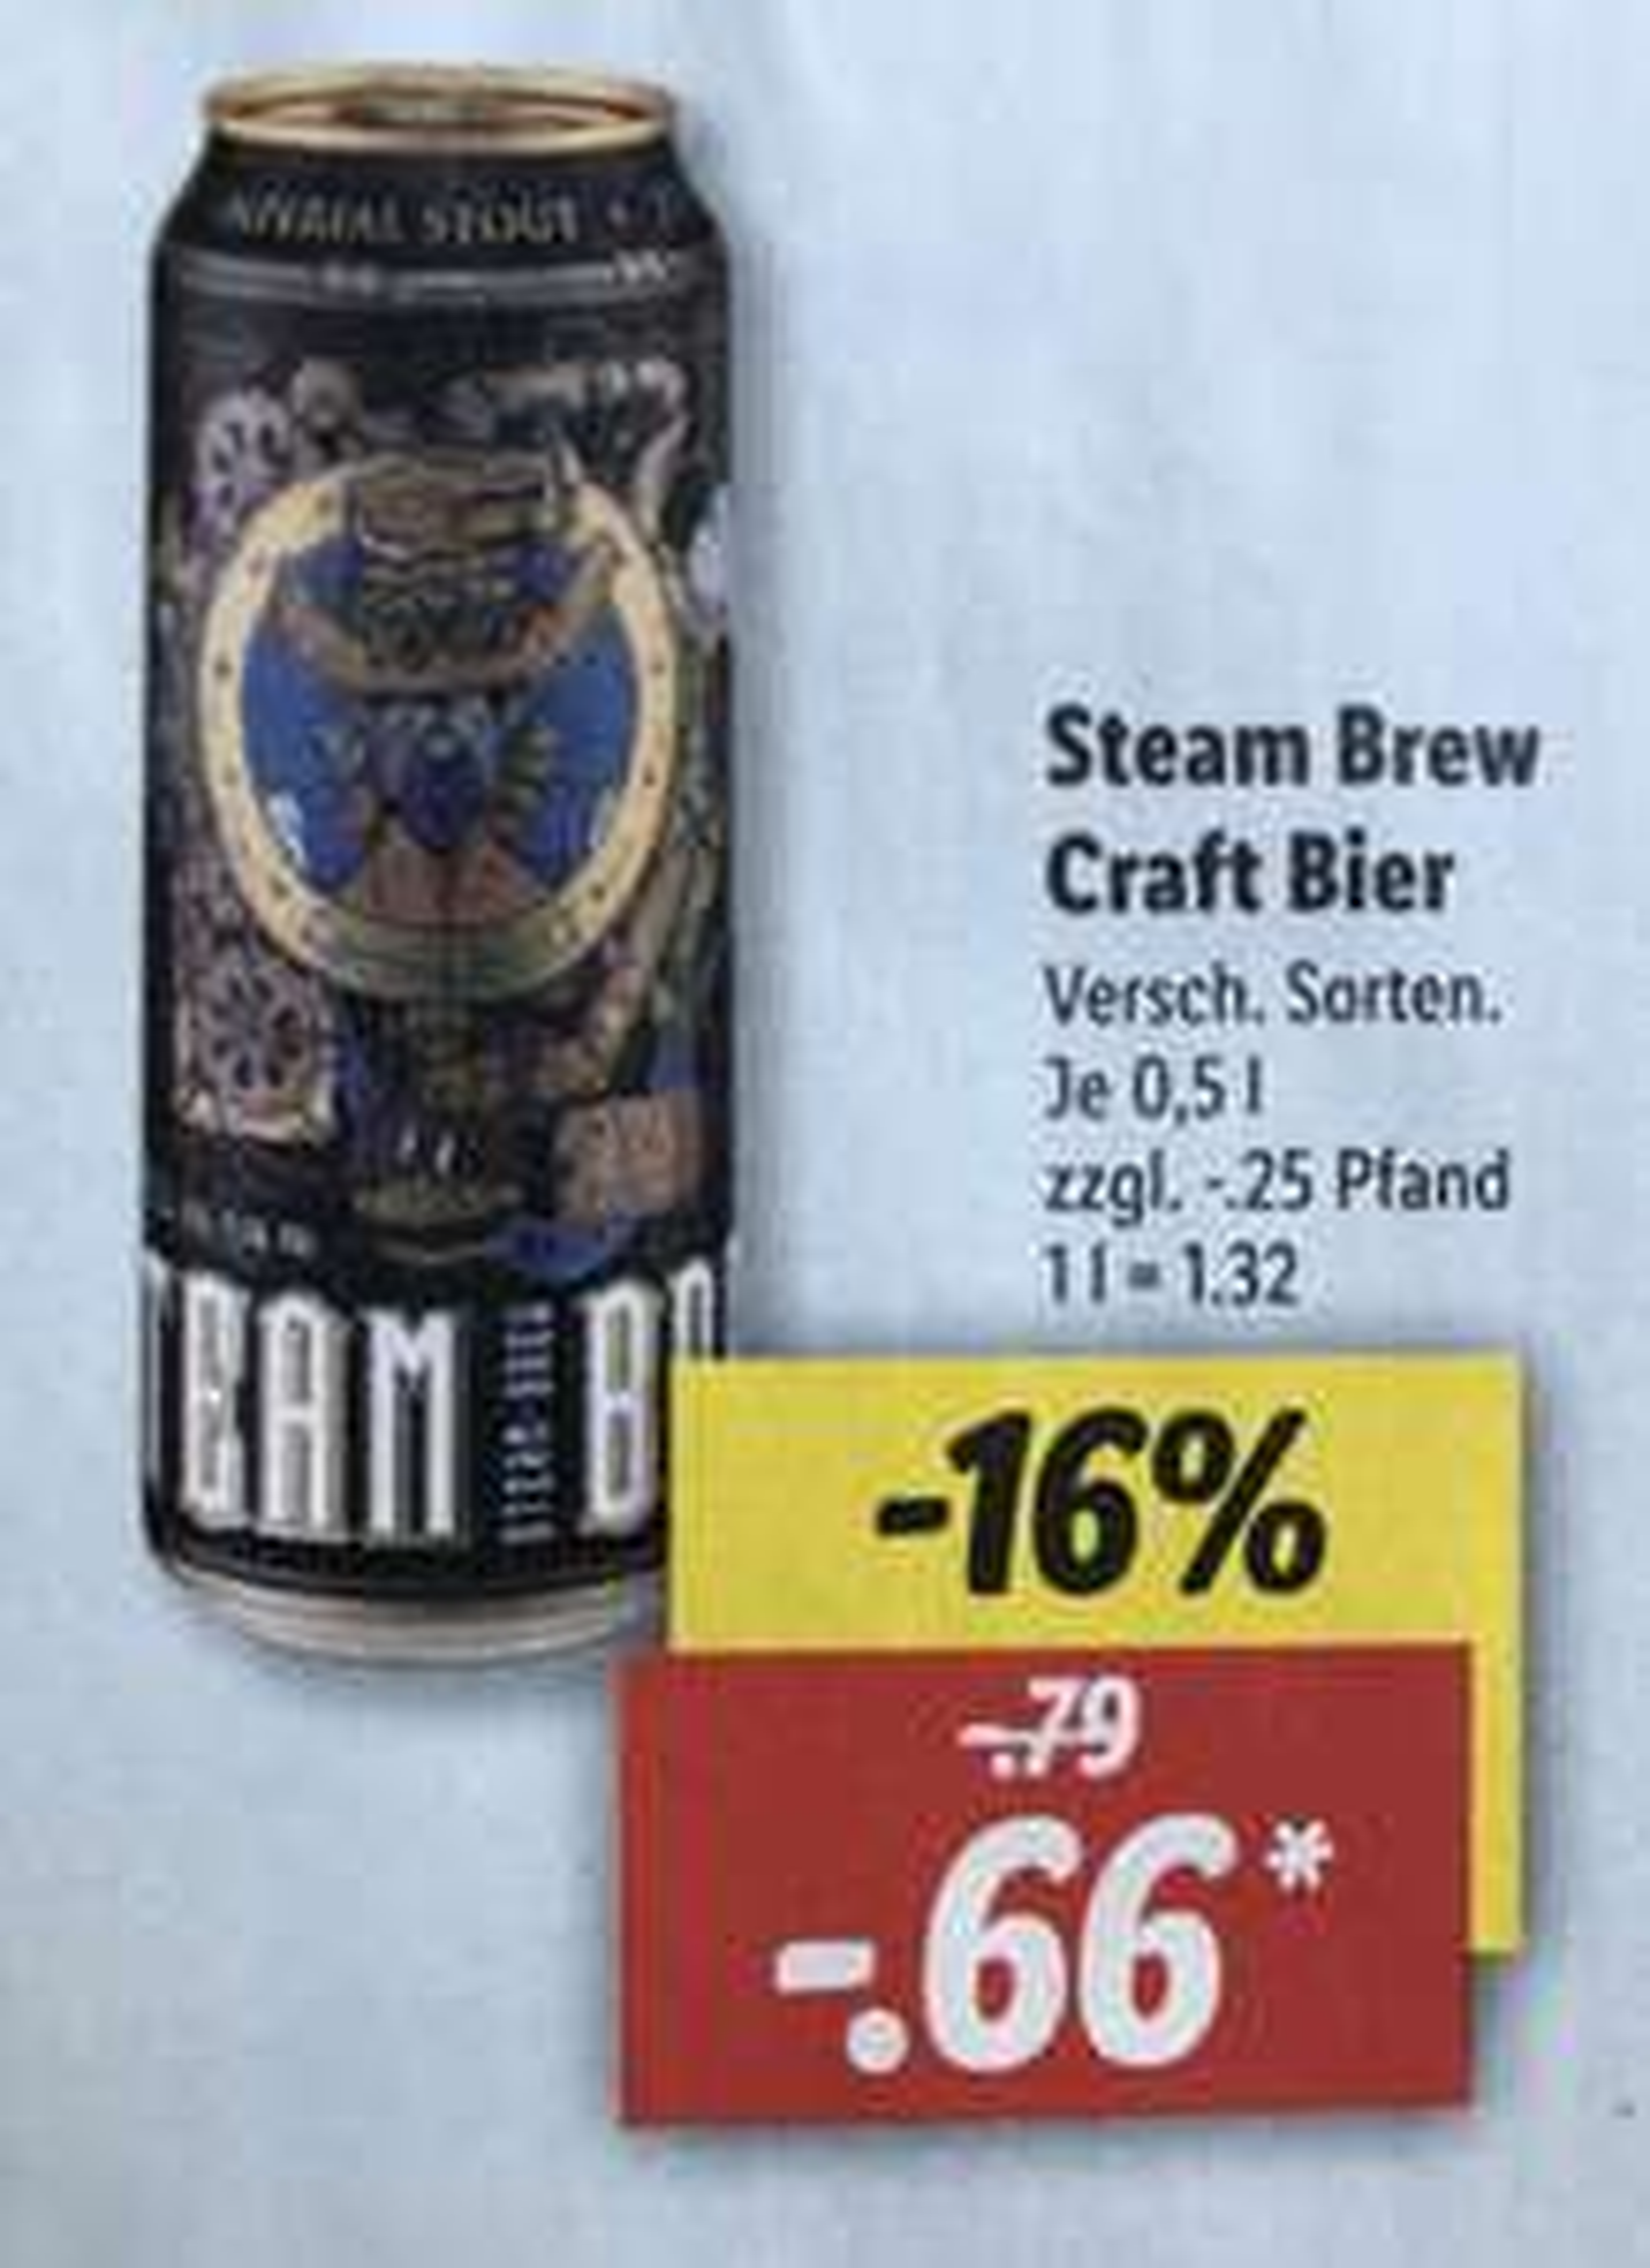 [Lidl] Steam Brew Craft Bier 0,5l verschiedene Sorten ab 23.04.2021